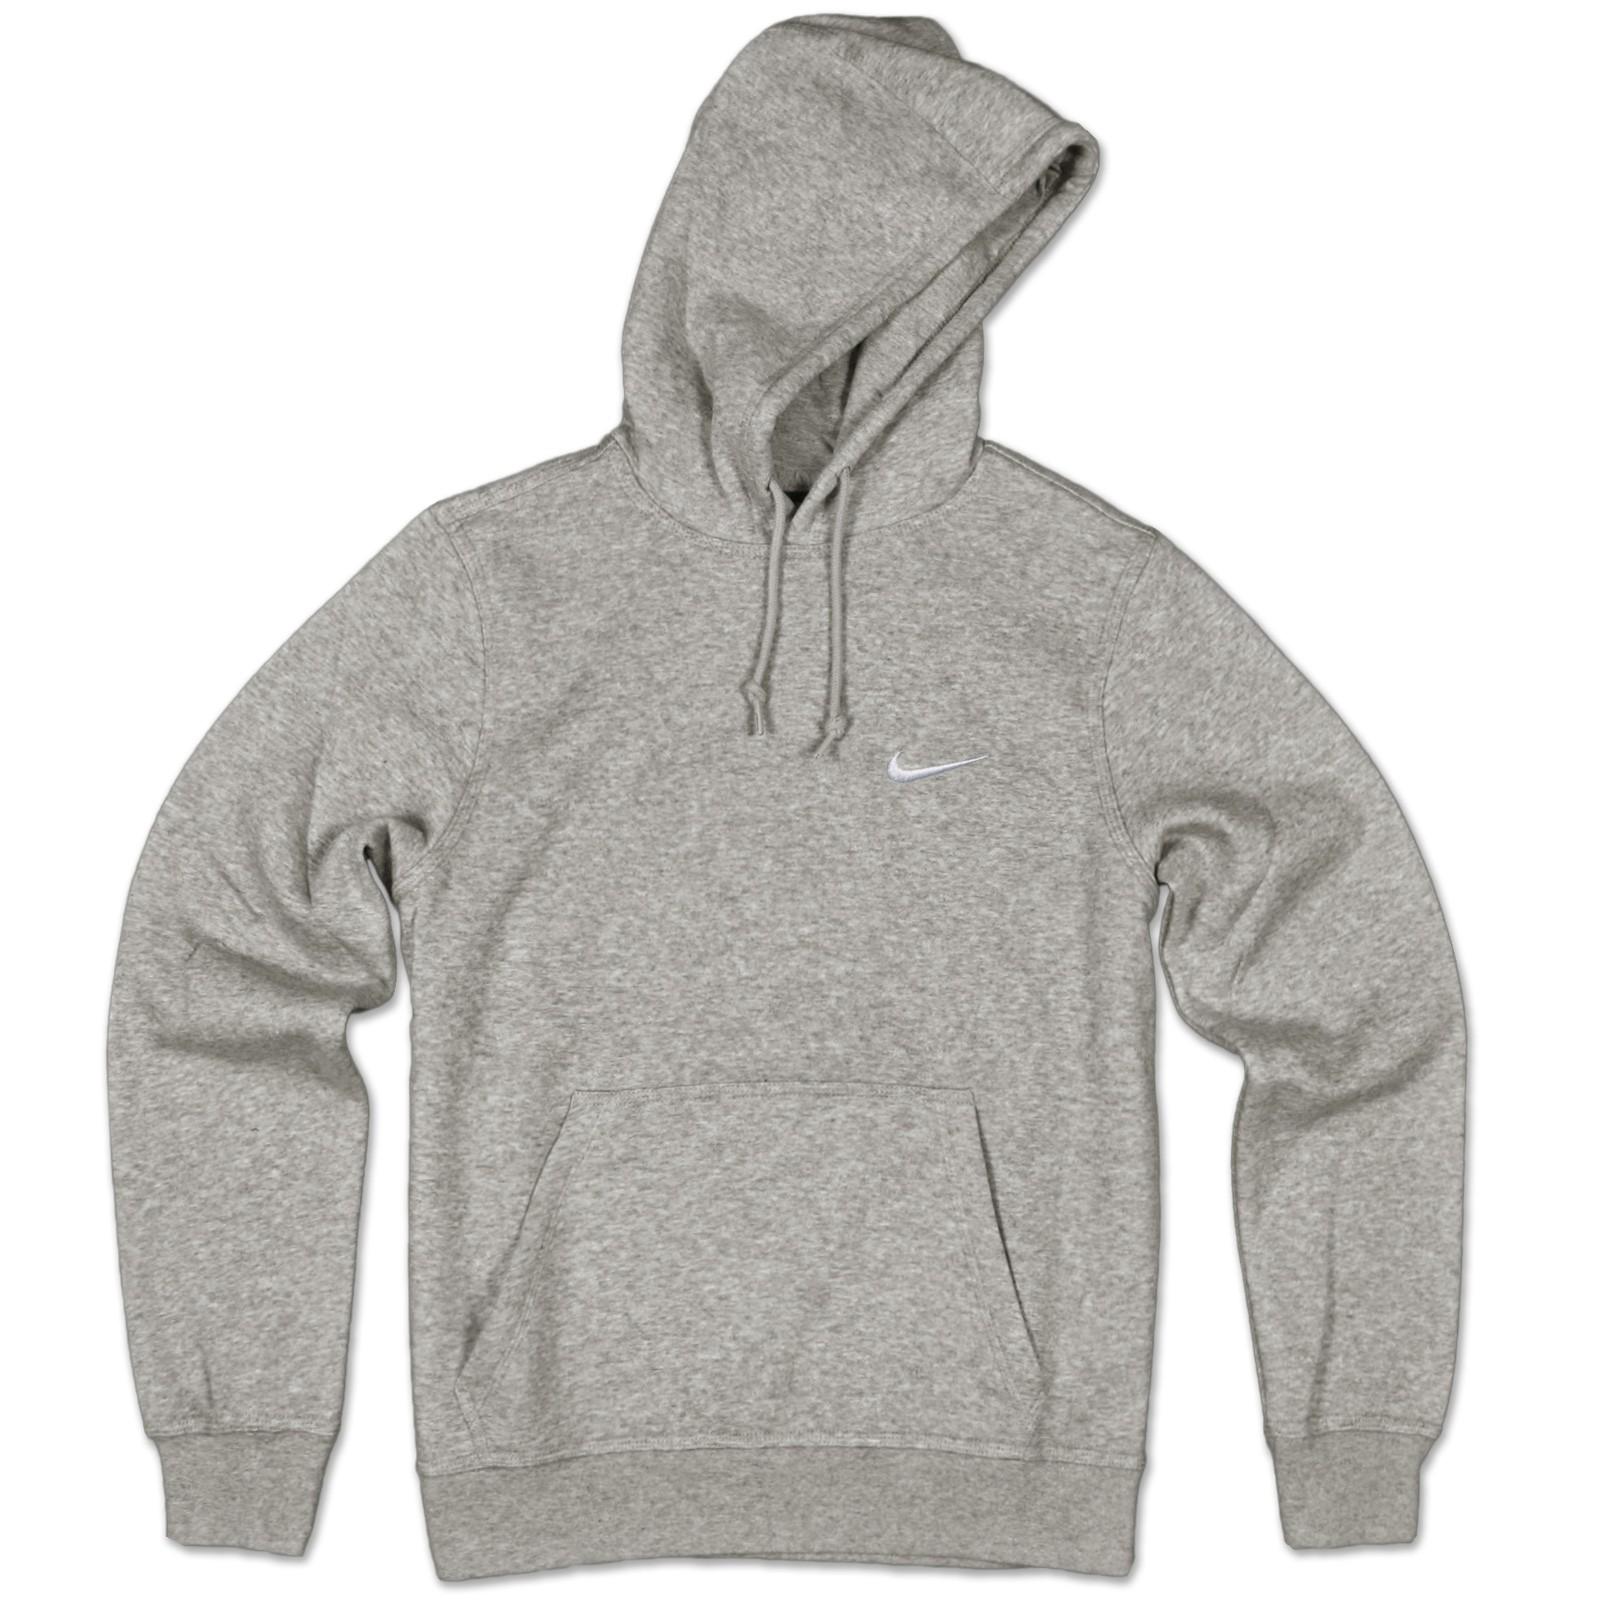 nike swoosh hoodie fleece hood sweater hoody hoody. Black Bedroom Furniture Sets. Home Design Ideas